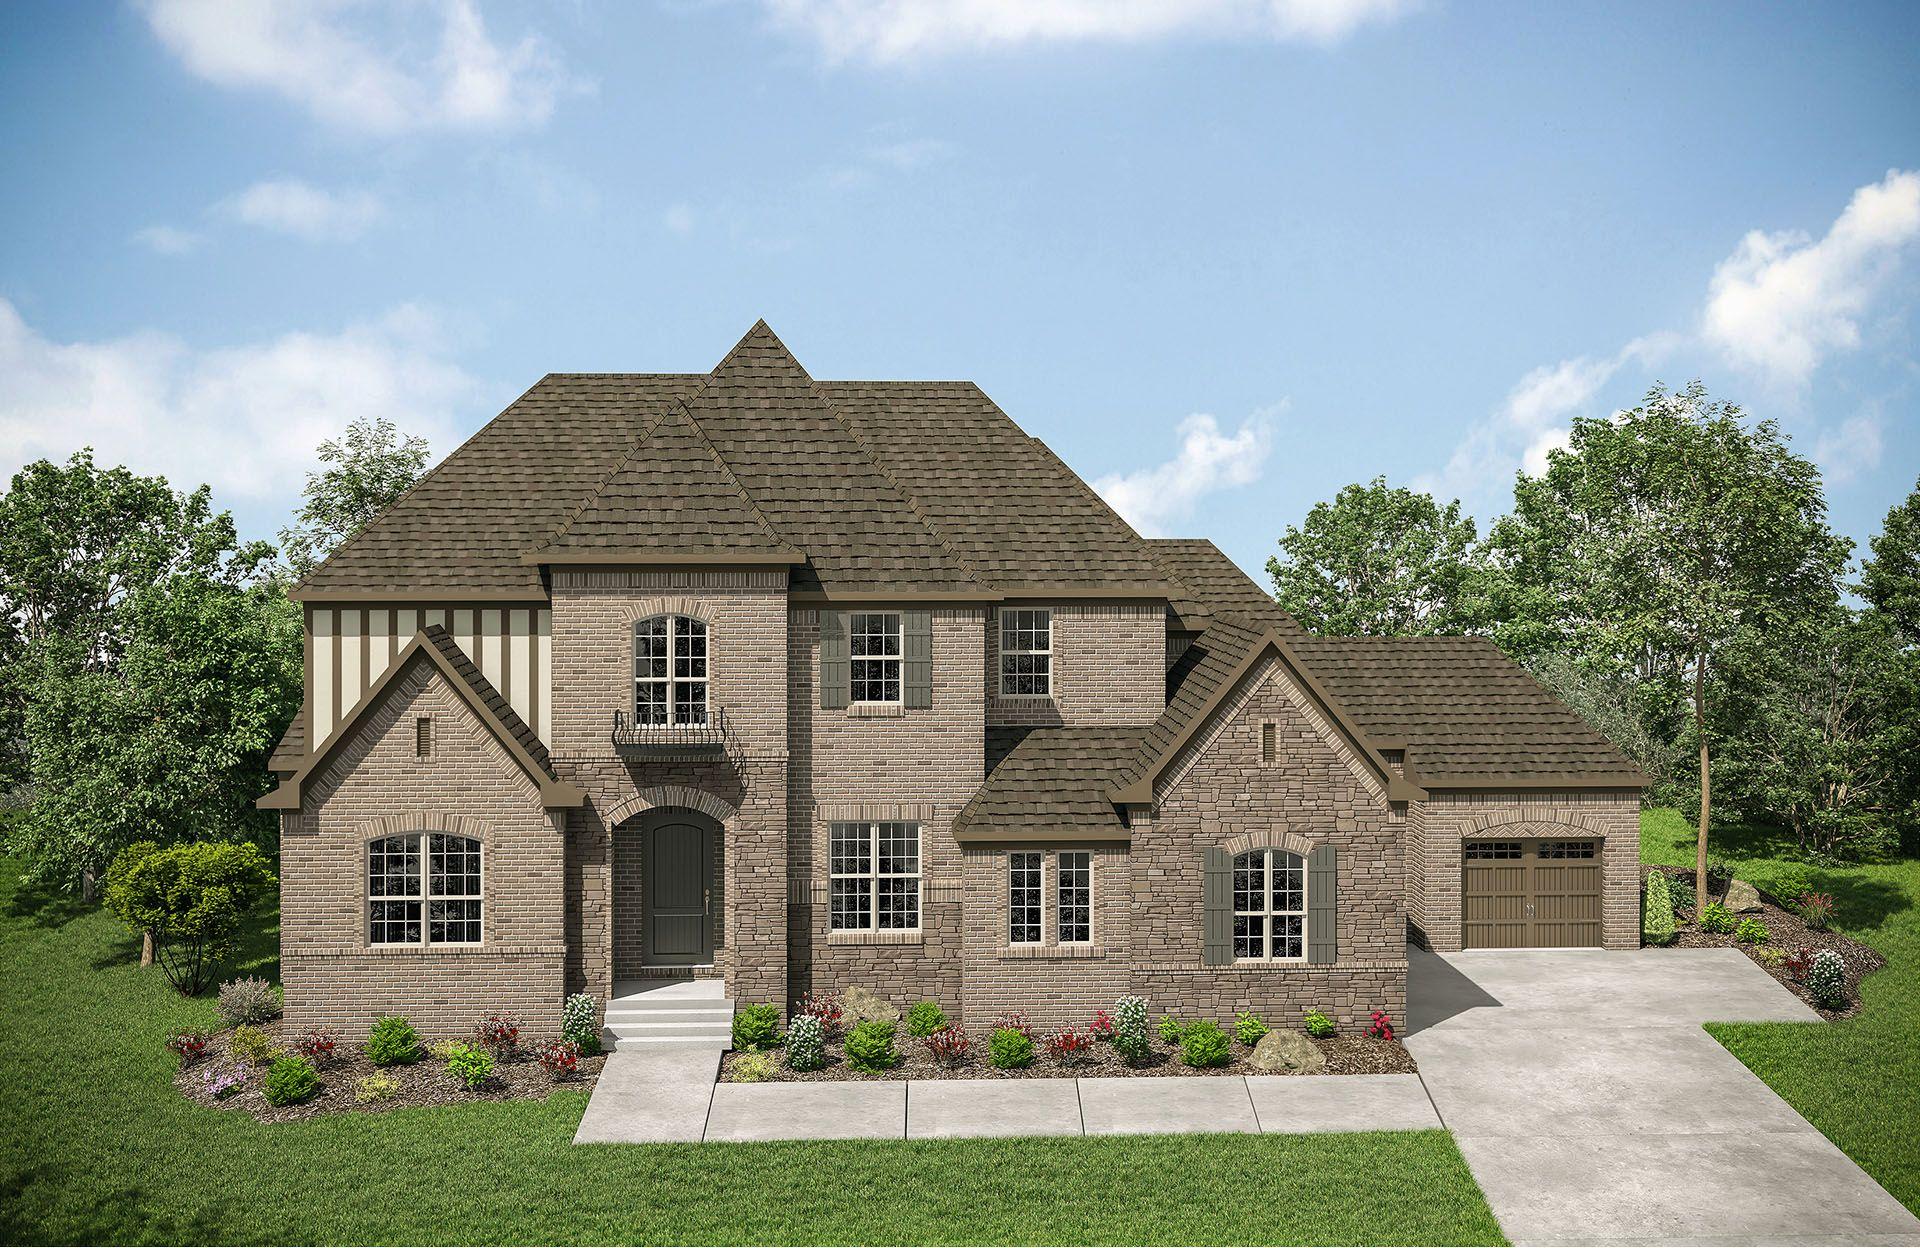 单亲家庭 为 销售 在 Asher - Colinas Ii 108 Telfair Lane Nolensville, Tennessee 37135 United States